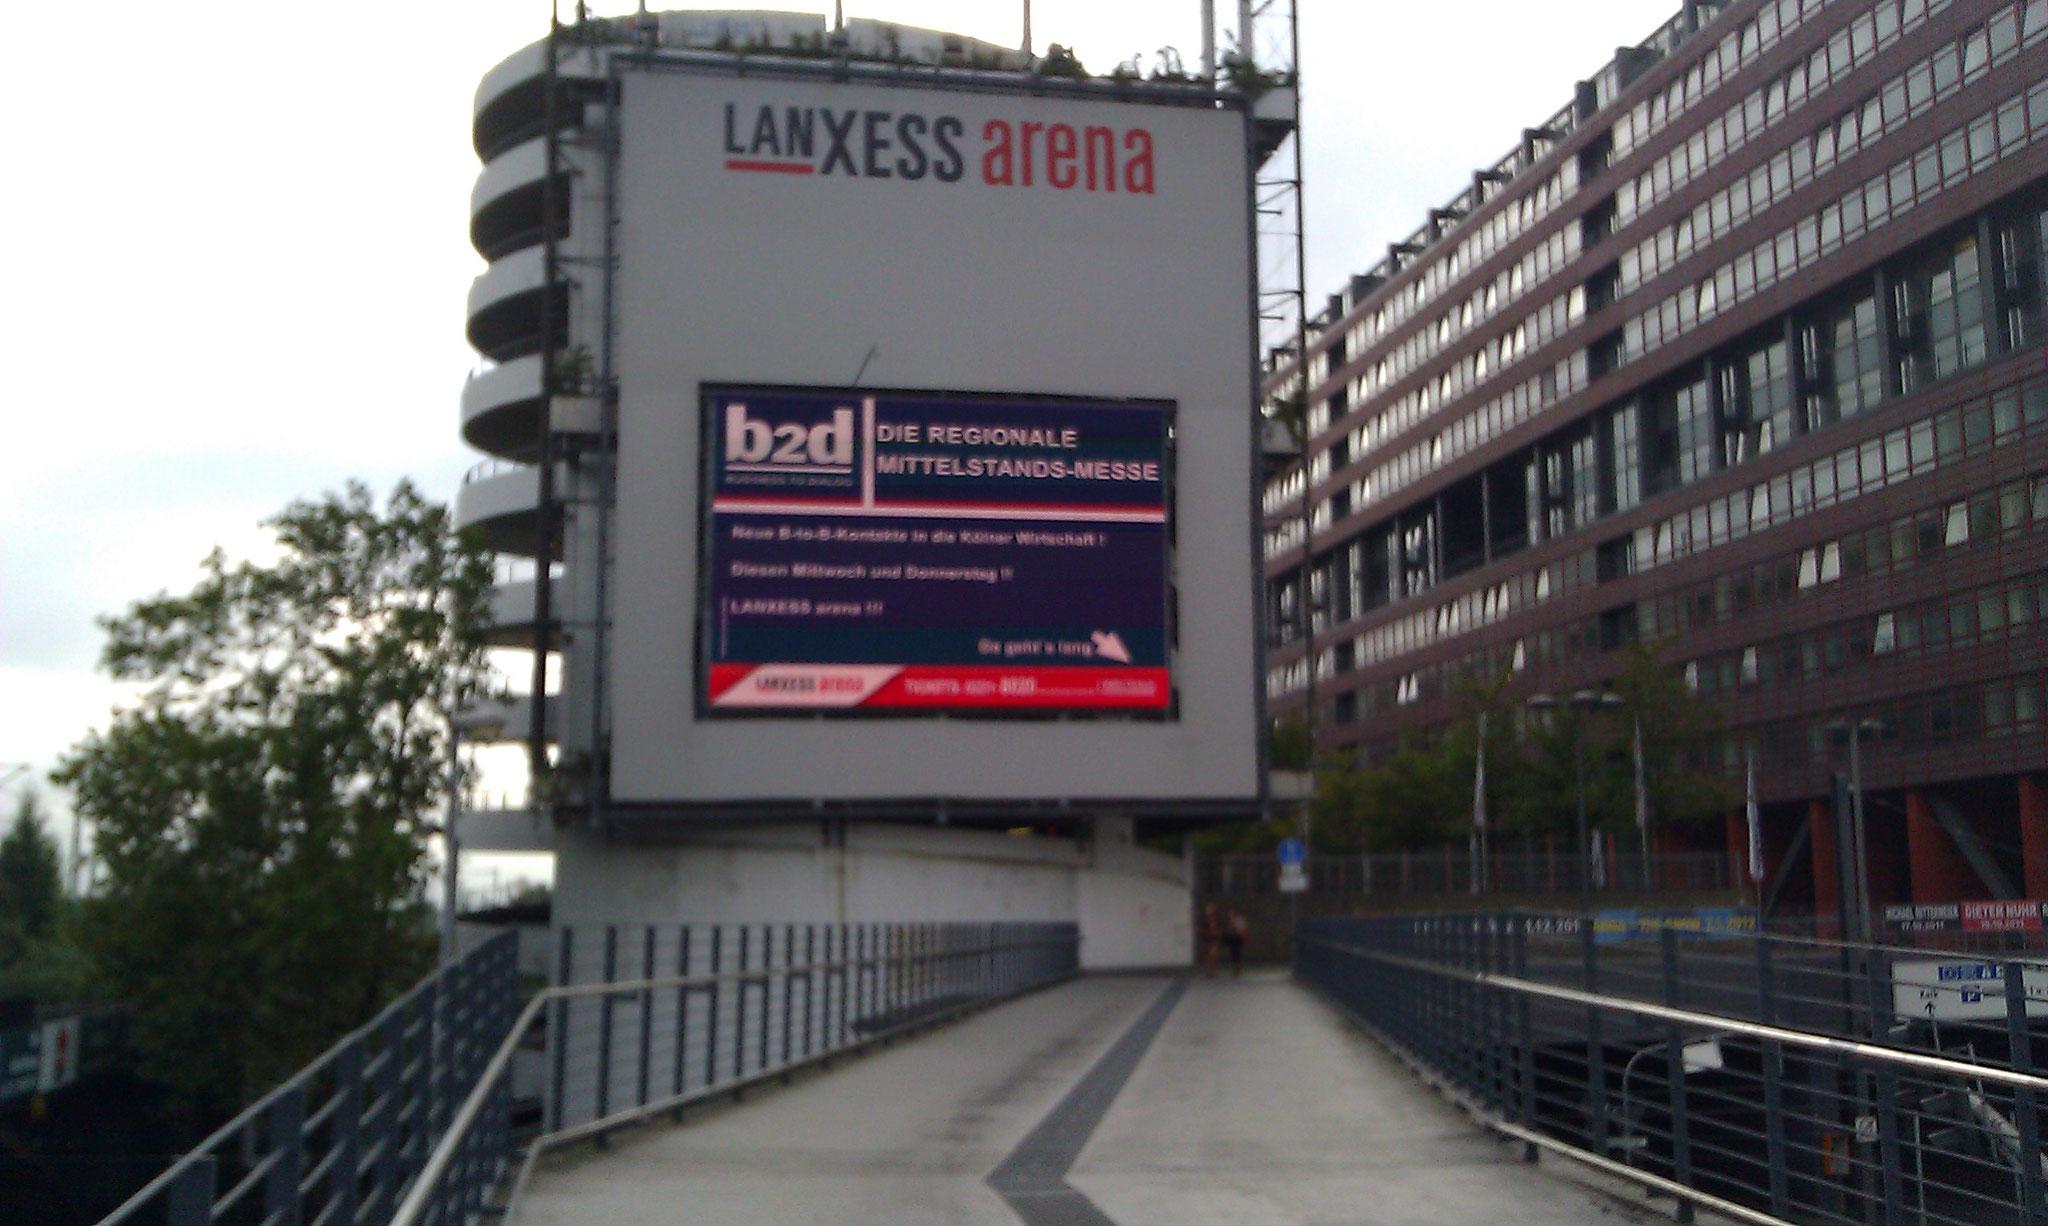 b2d Köln